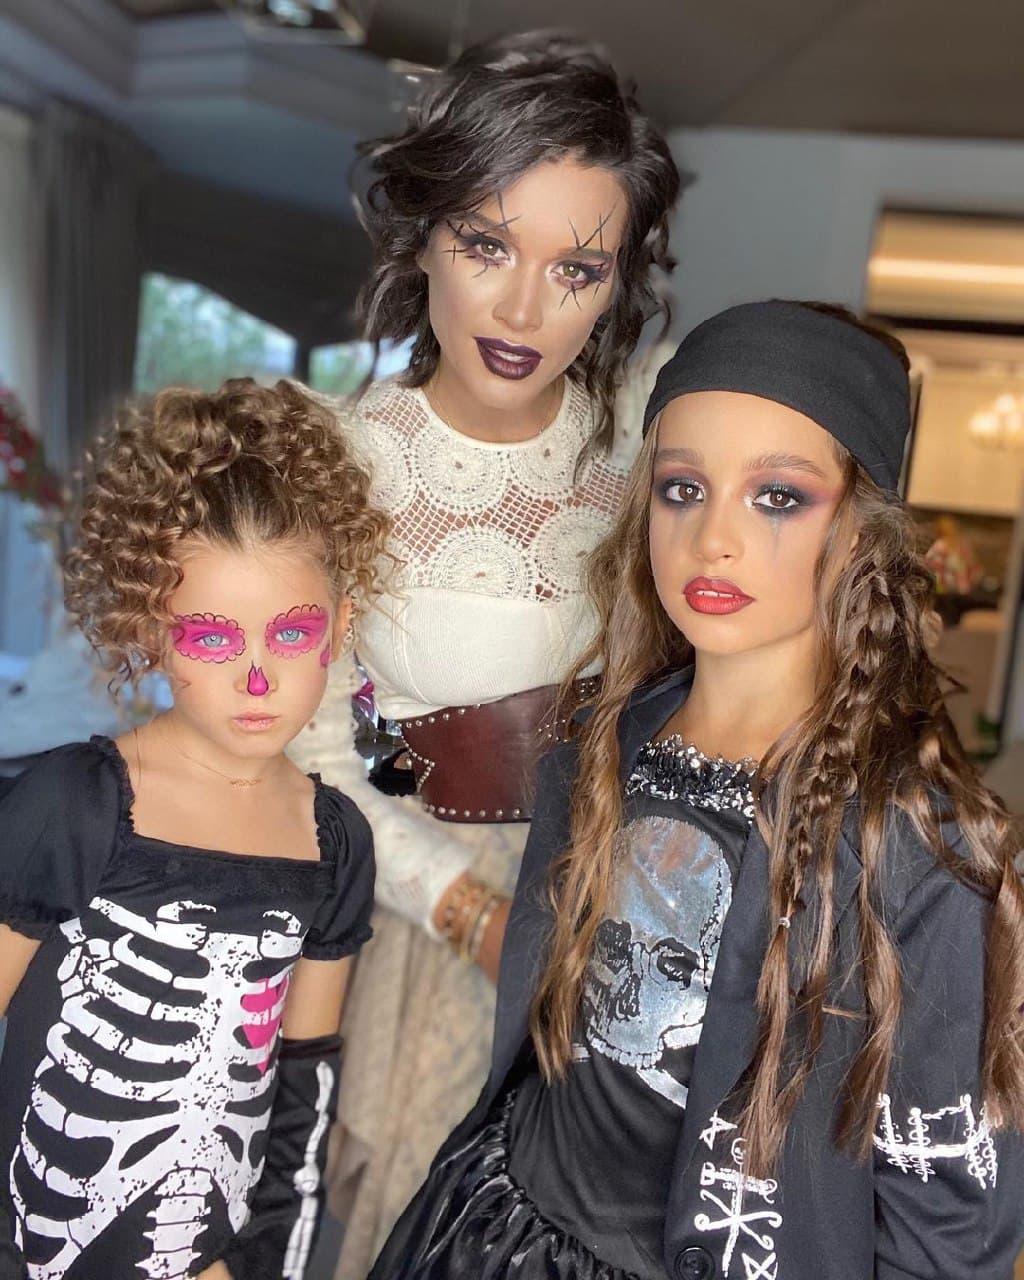 Ксения Бородина с детьми / фото: Instagram @borodylia